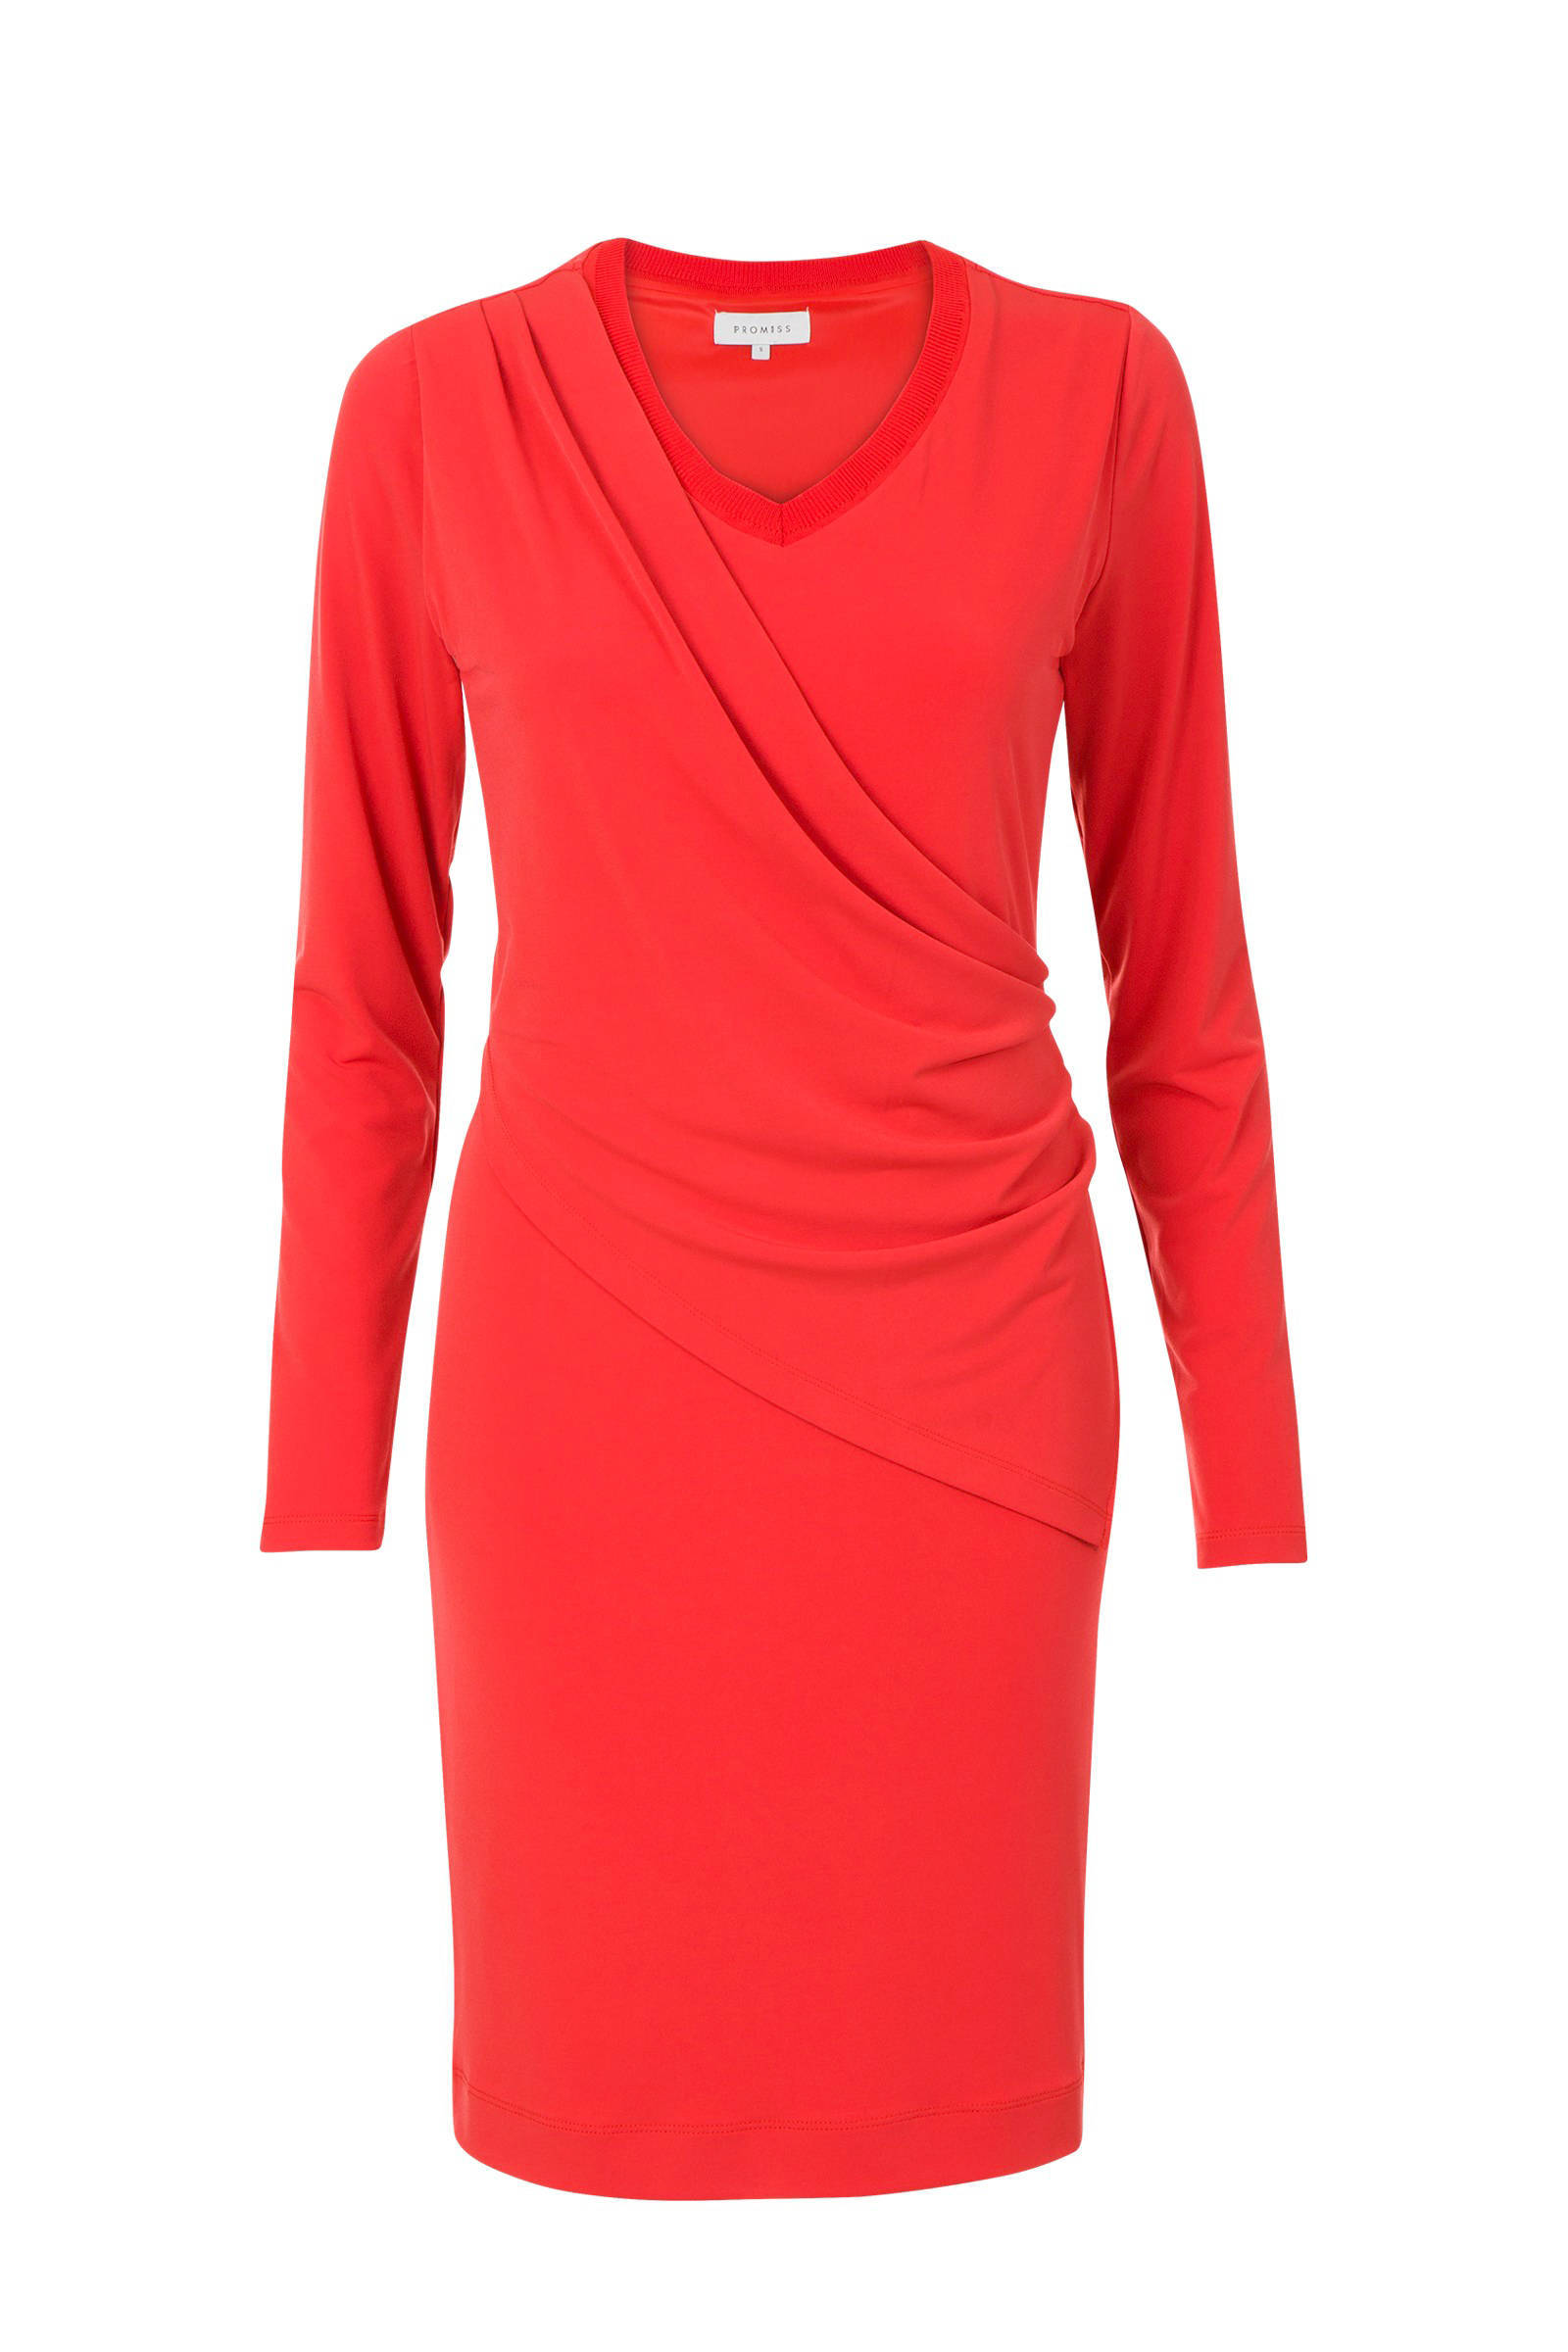 wehkamp jurk rood